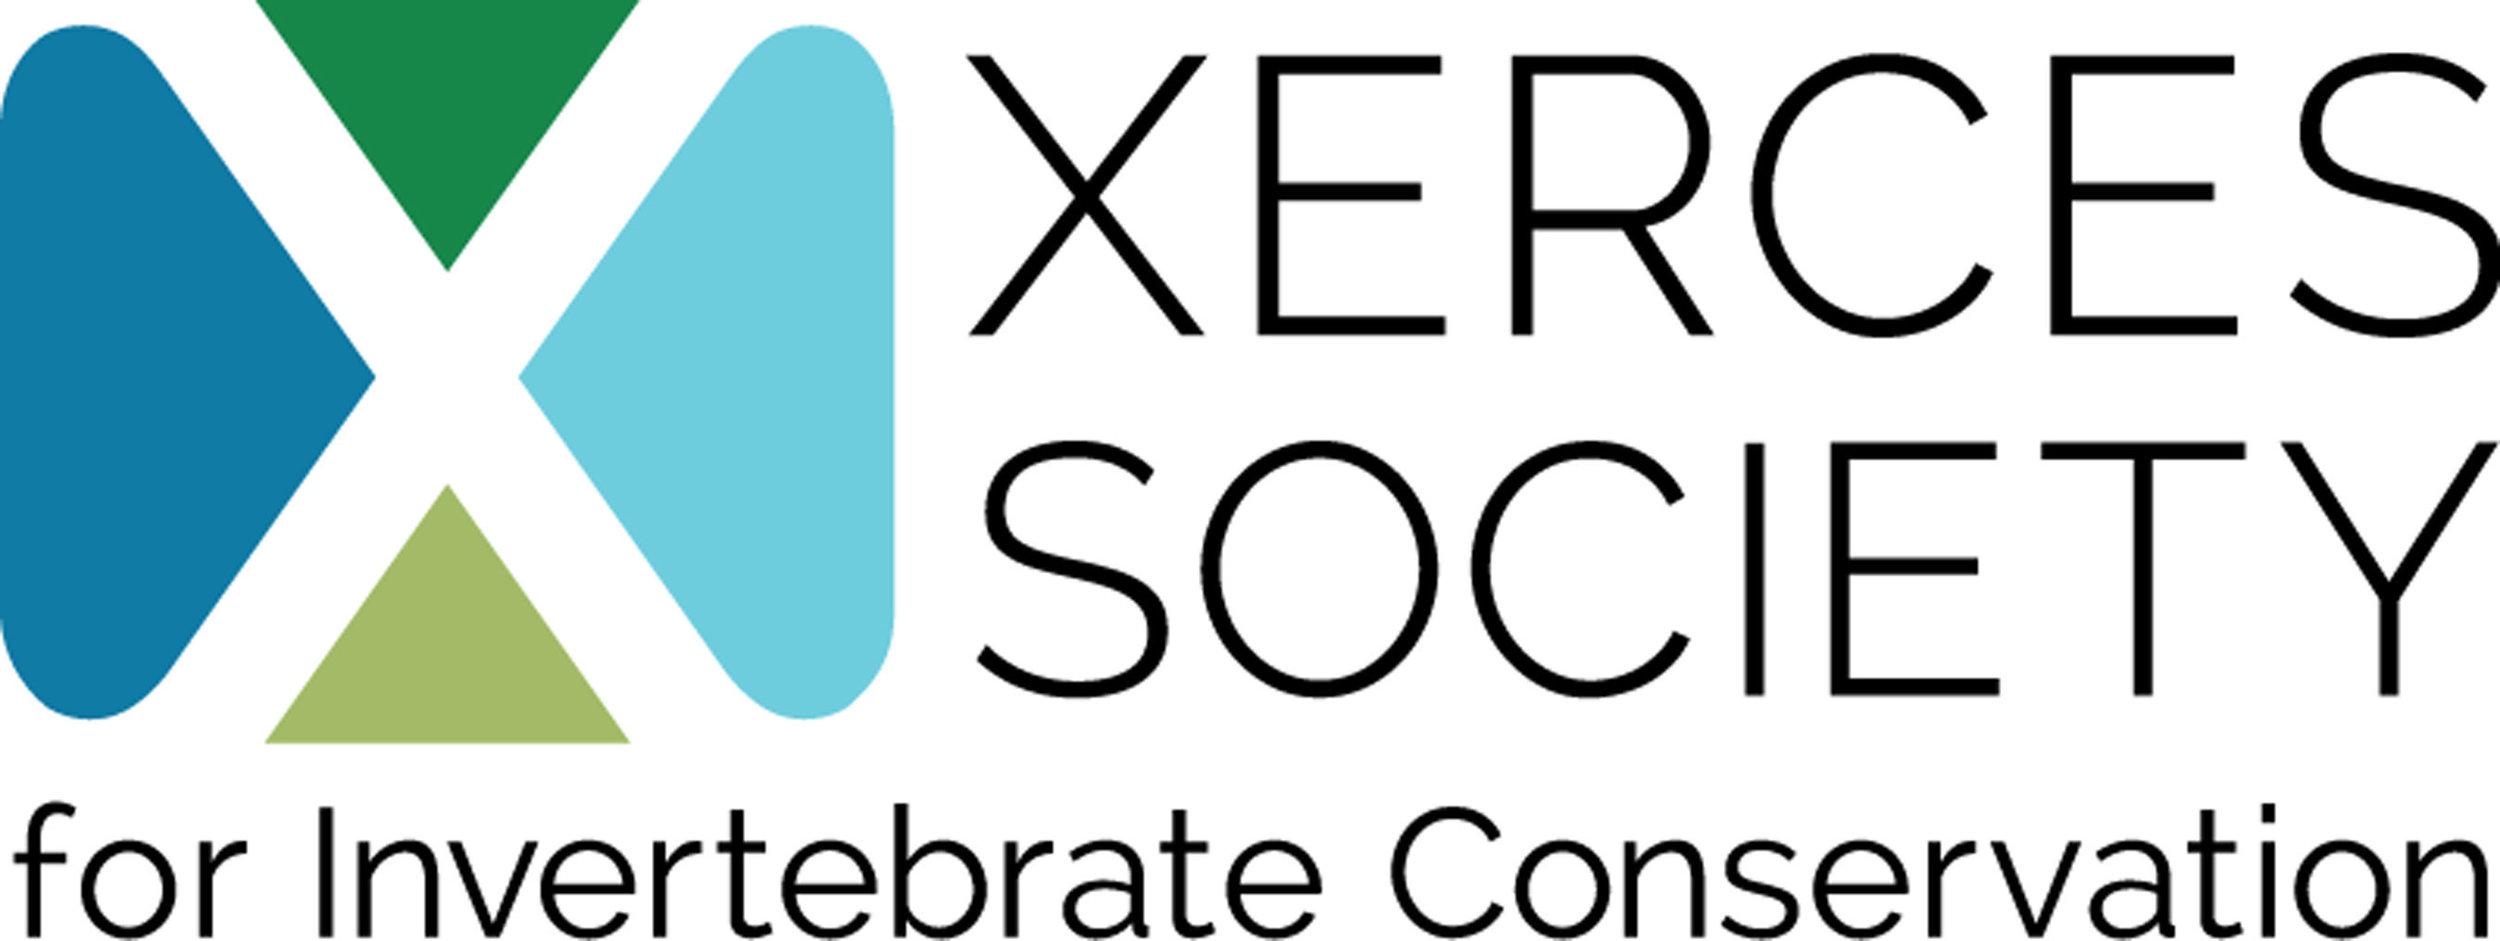 xerces-banner.jpg